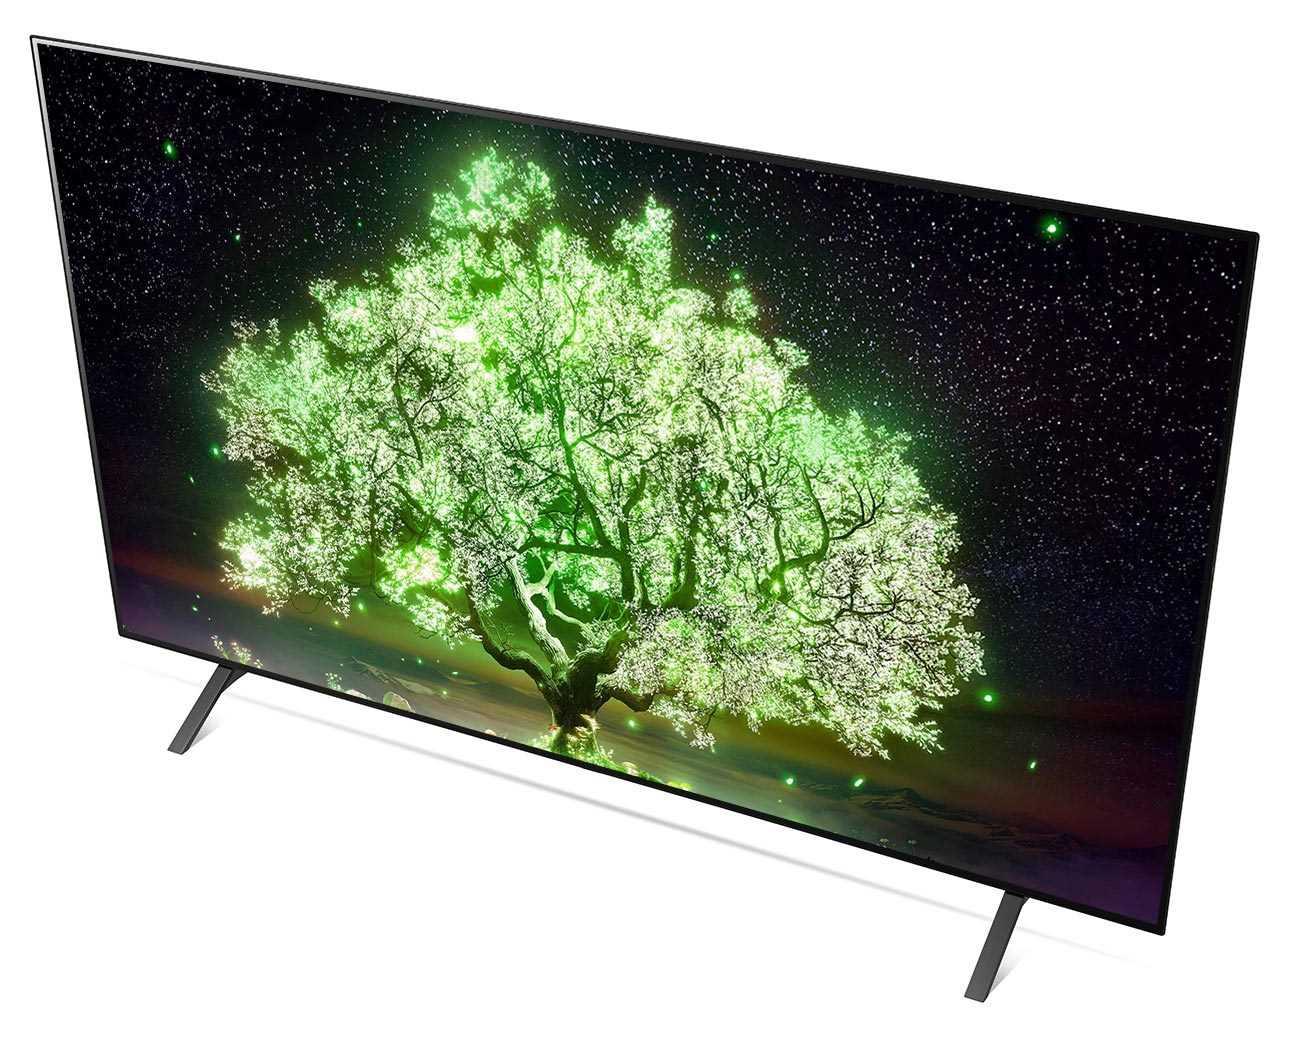 טלוויזיה 65 אינץ' דגם OLED 65A16LA/PVA  בטכנולוגיית LG OLED 4K Ultra HD אל ג'י - תמונה 9